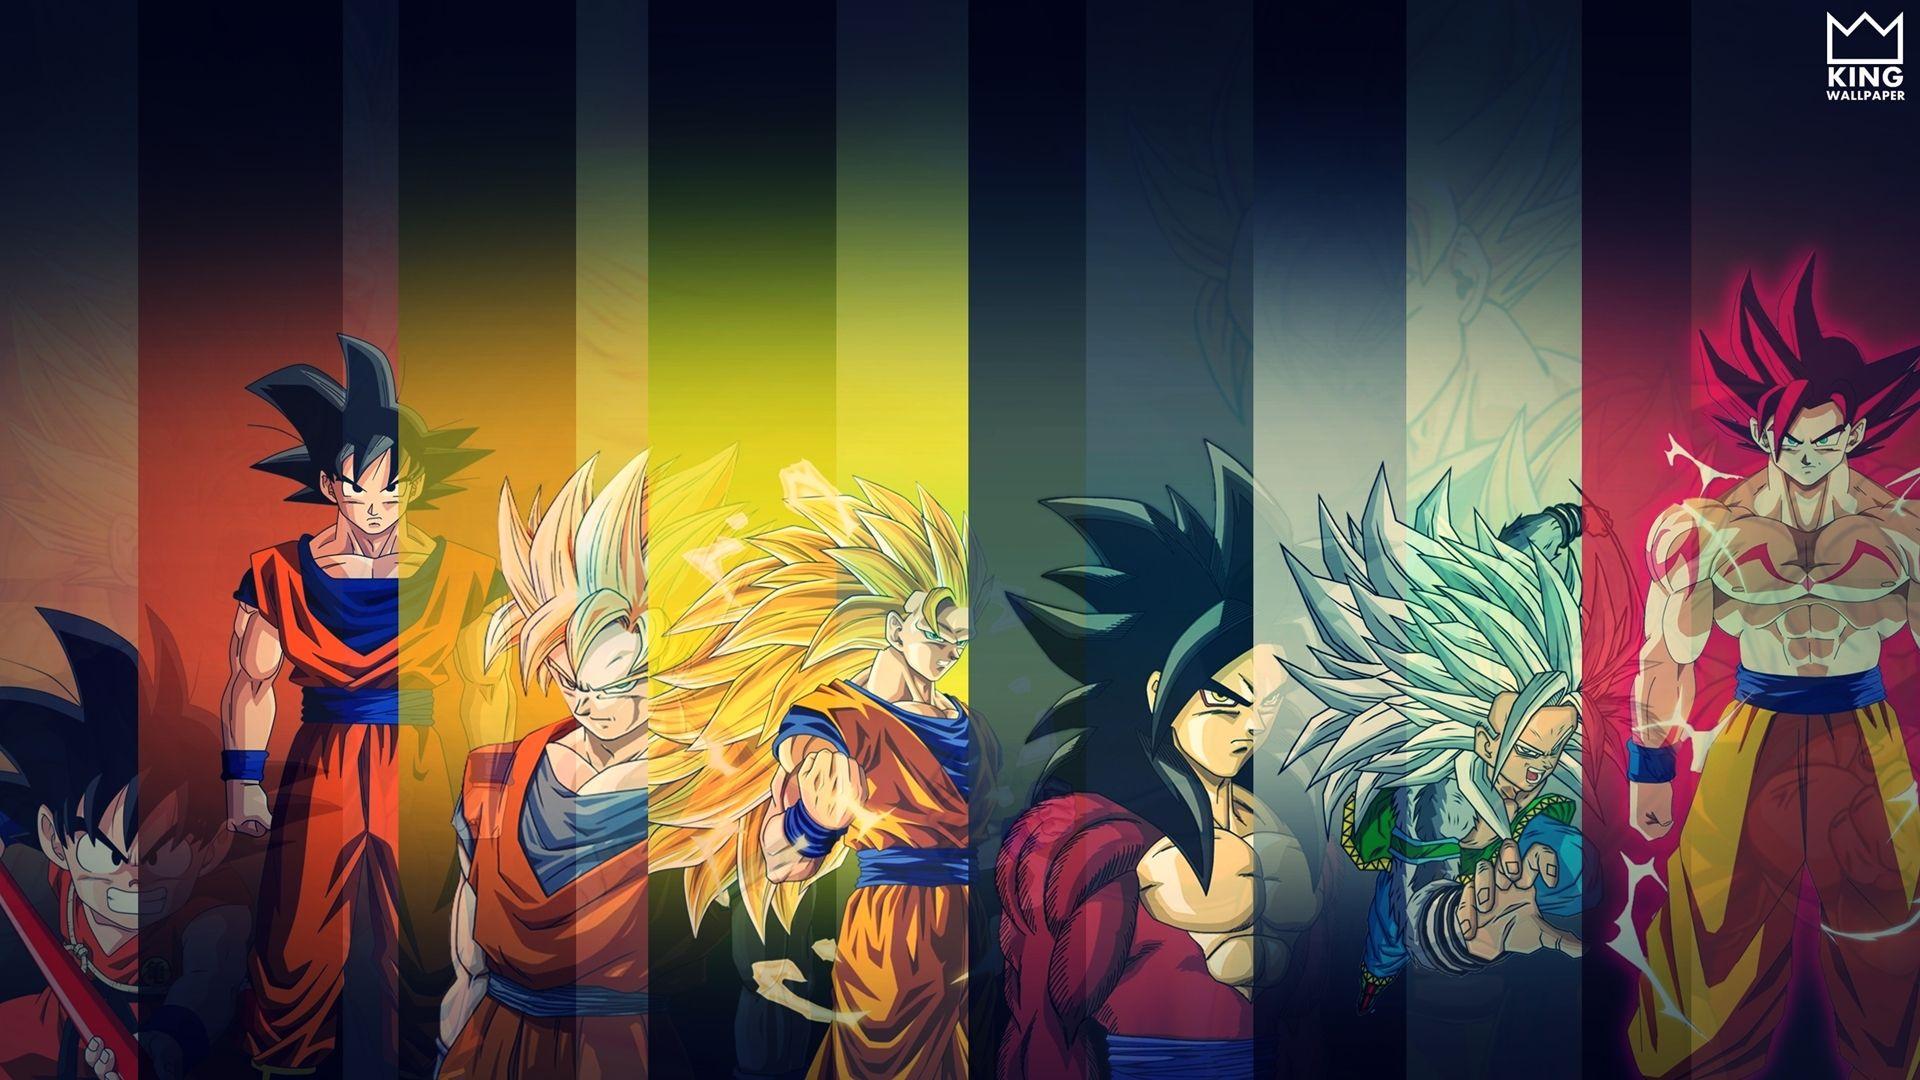 Goku All Ssj Wallpaper Dbz Wallpapers Goku Wallpaper Dragon Ball Wallpapers